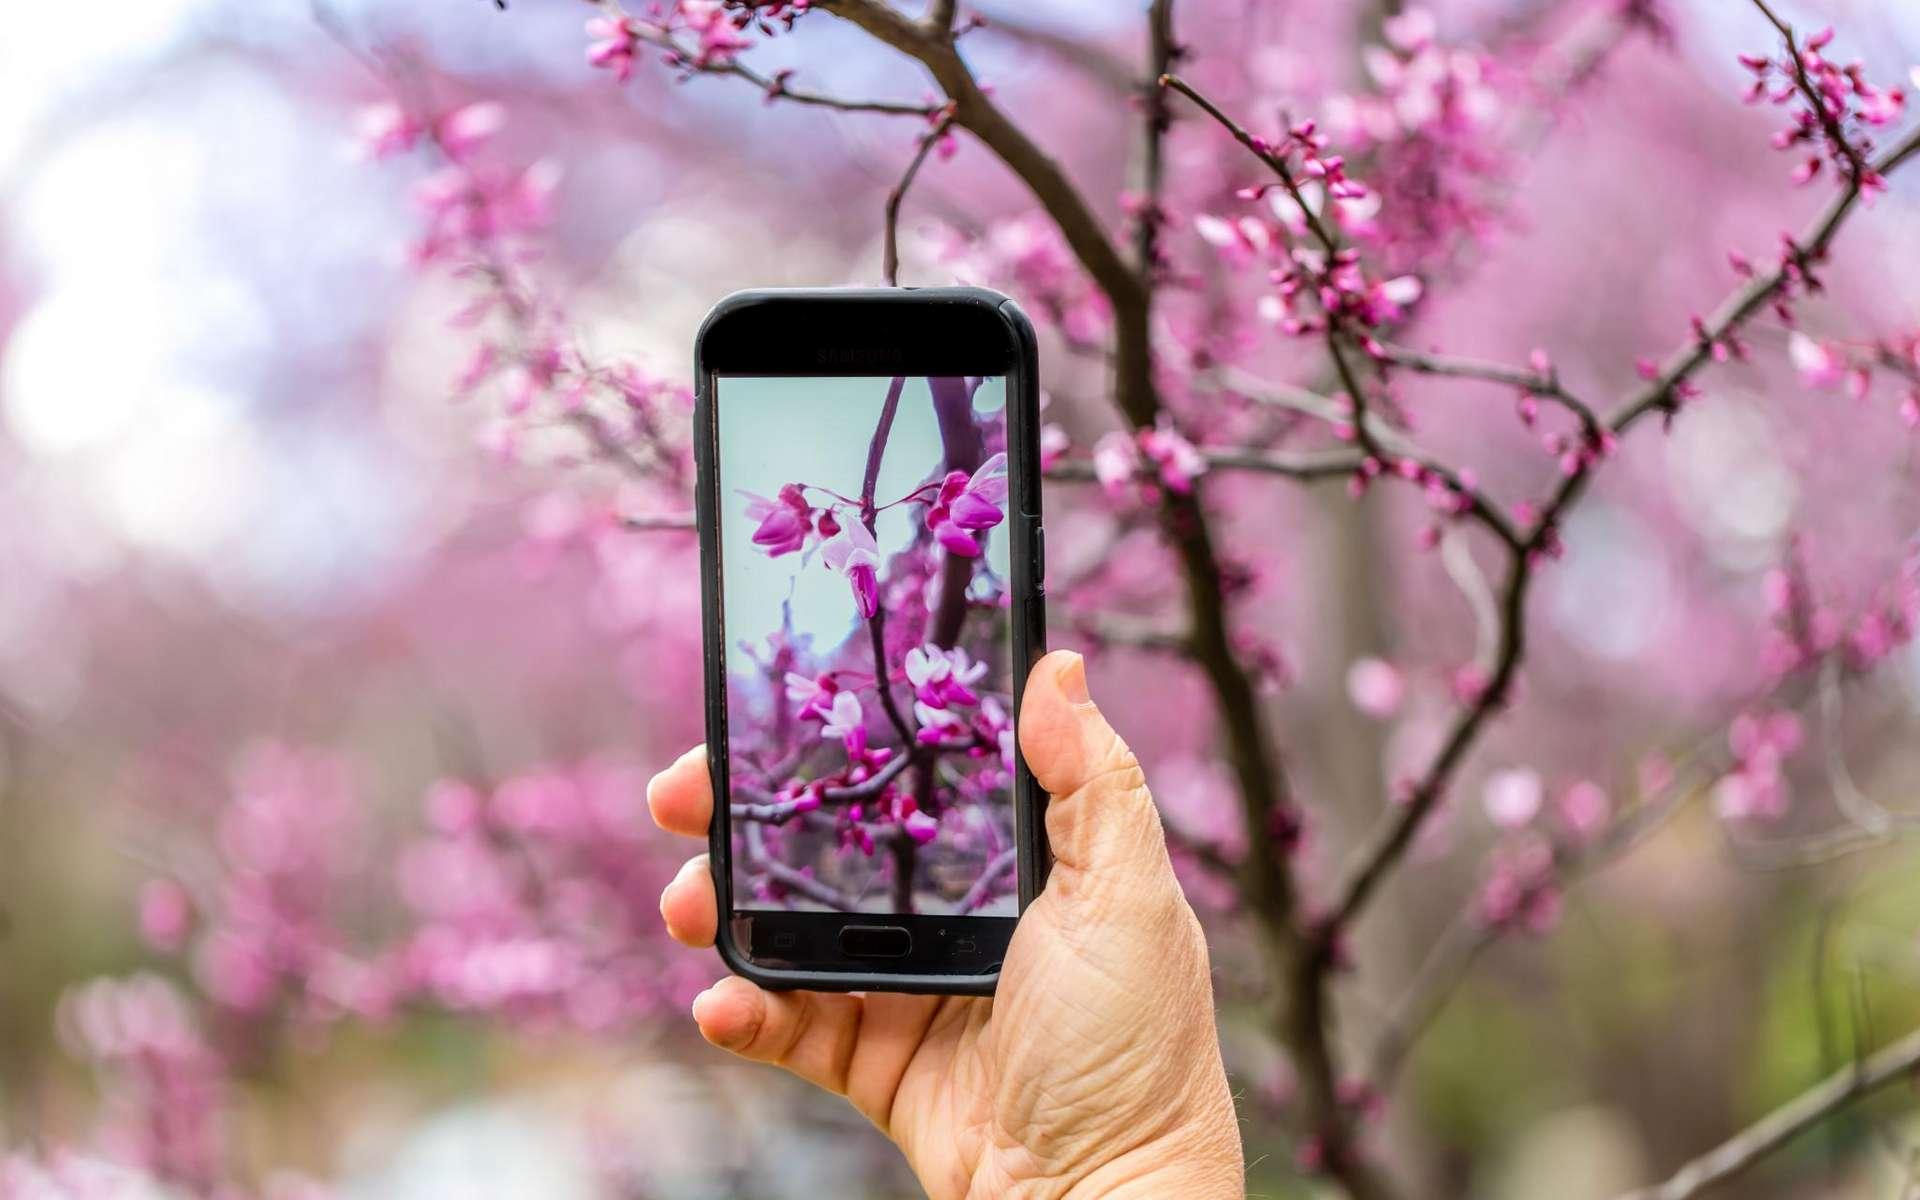 Bientôt des messages odorants par téléphone ? © Quick Shot Photos, CC by-nc-sa